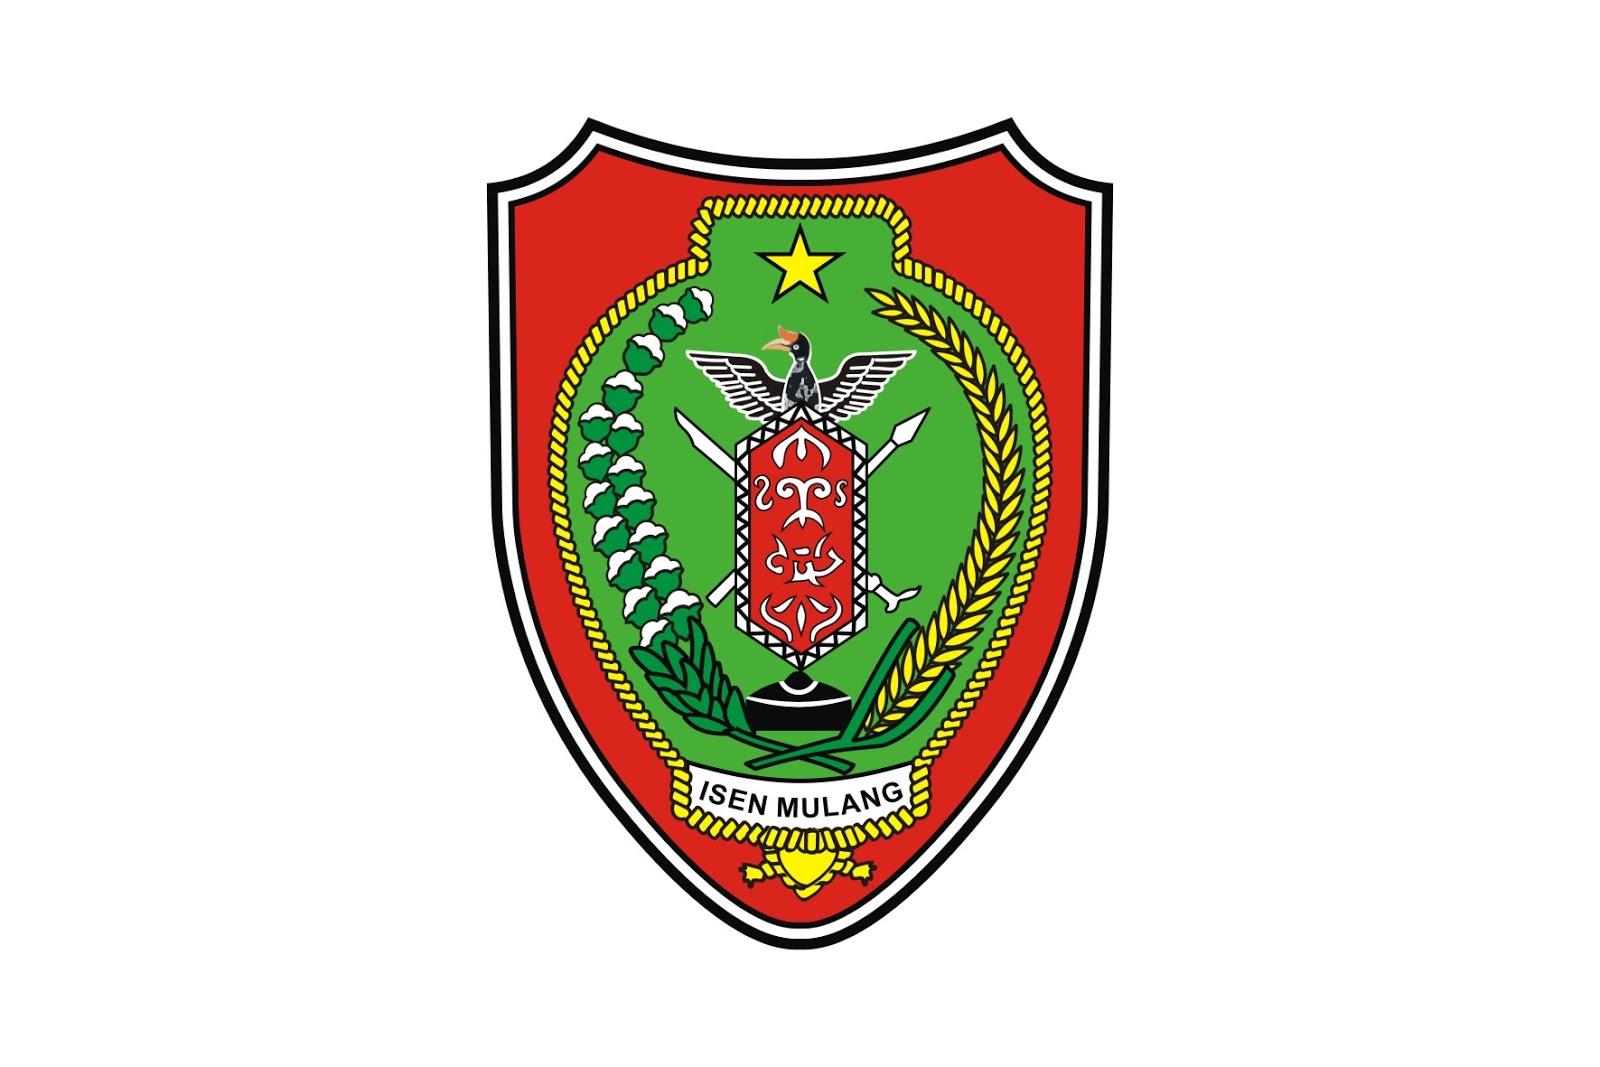 Provinsi Kalimantan Tengah Logo - Logo-Share